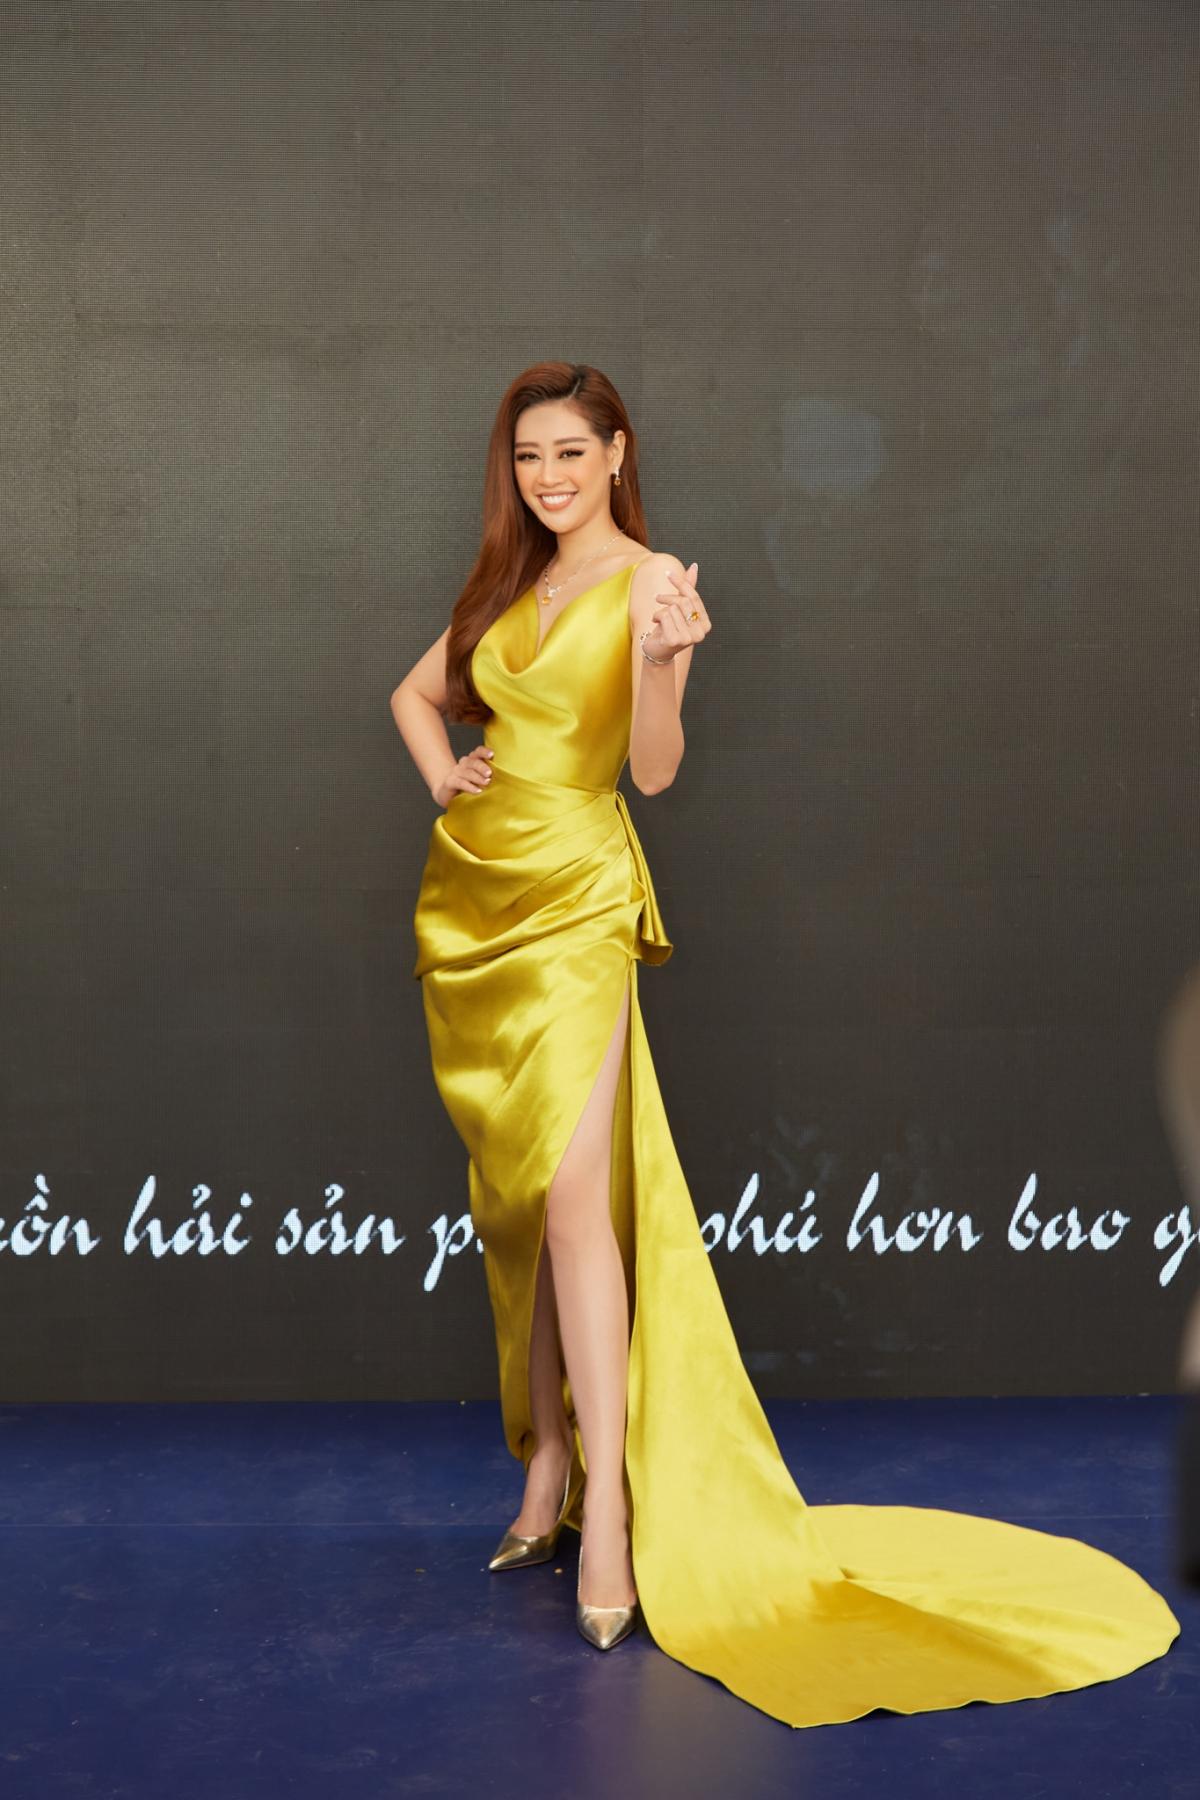 Trong một sự kiện gần đây, Hoa hậu Khánh Vân thu hút sự chú ý với nhan sắc rạng rỡ trong chiếc đầm vàng khoe dáng gợi cảm.